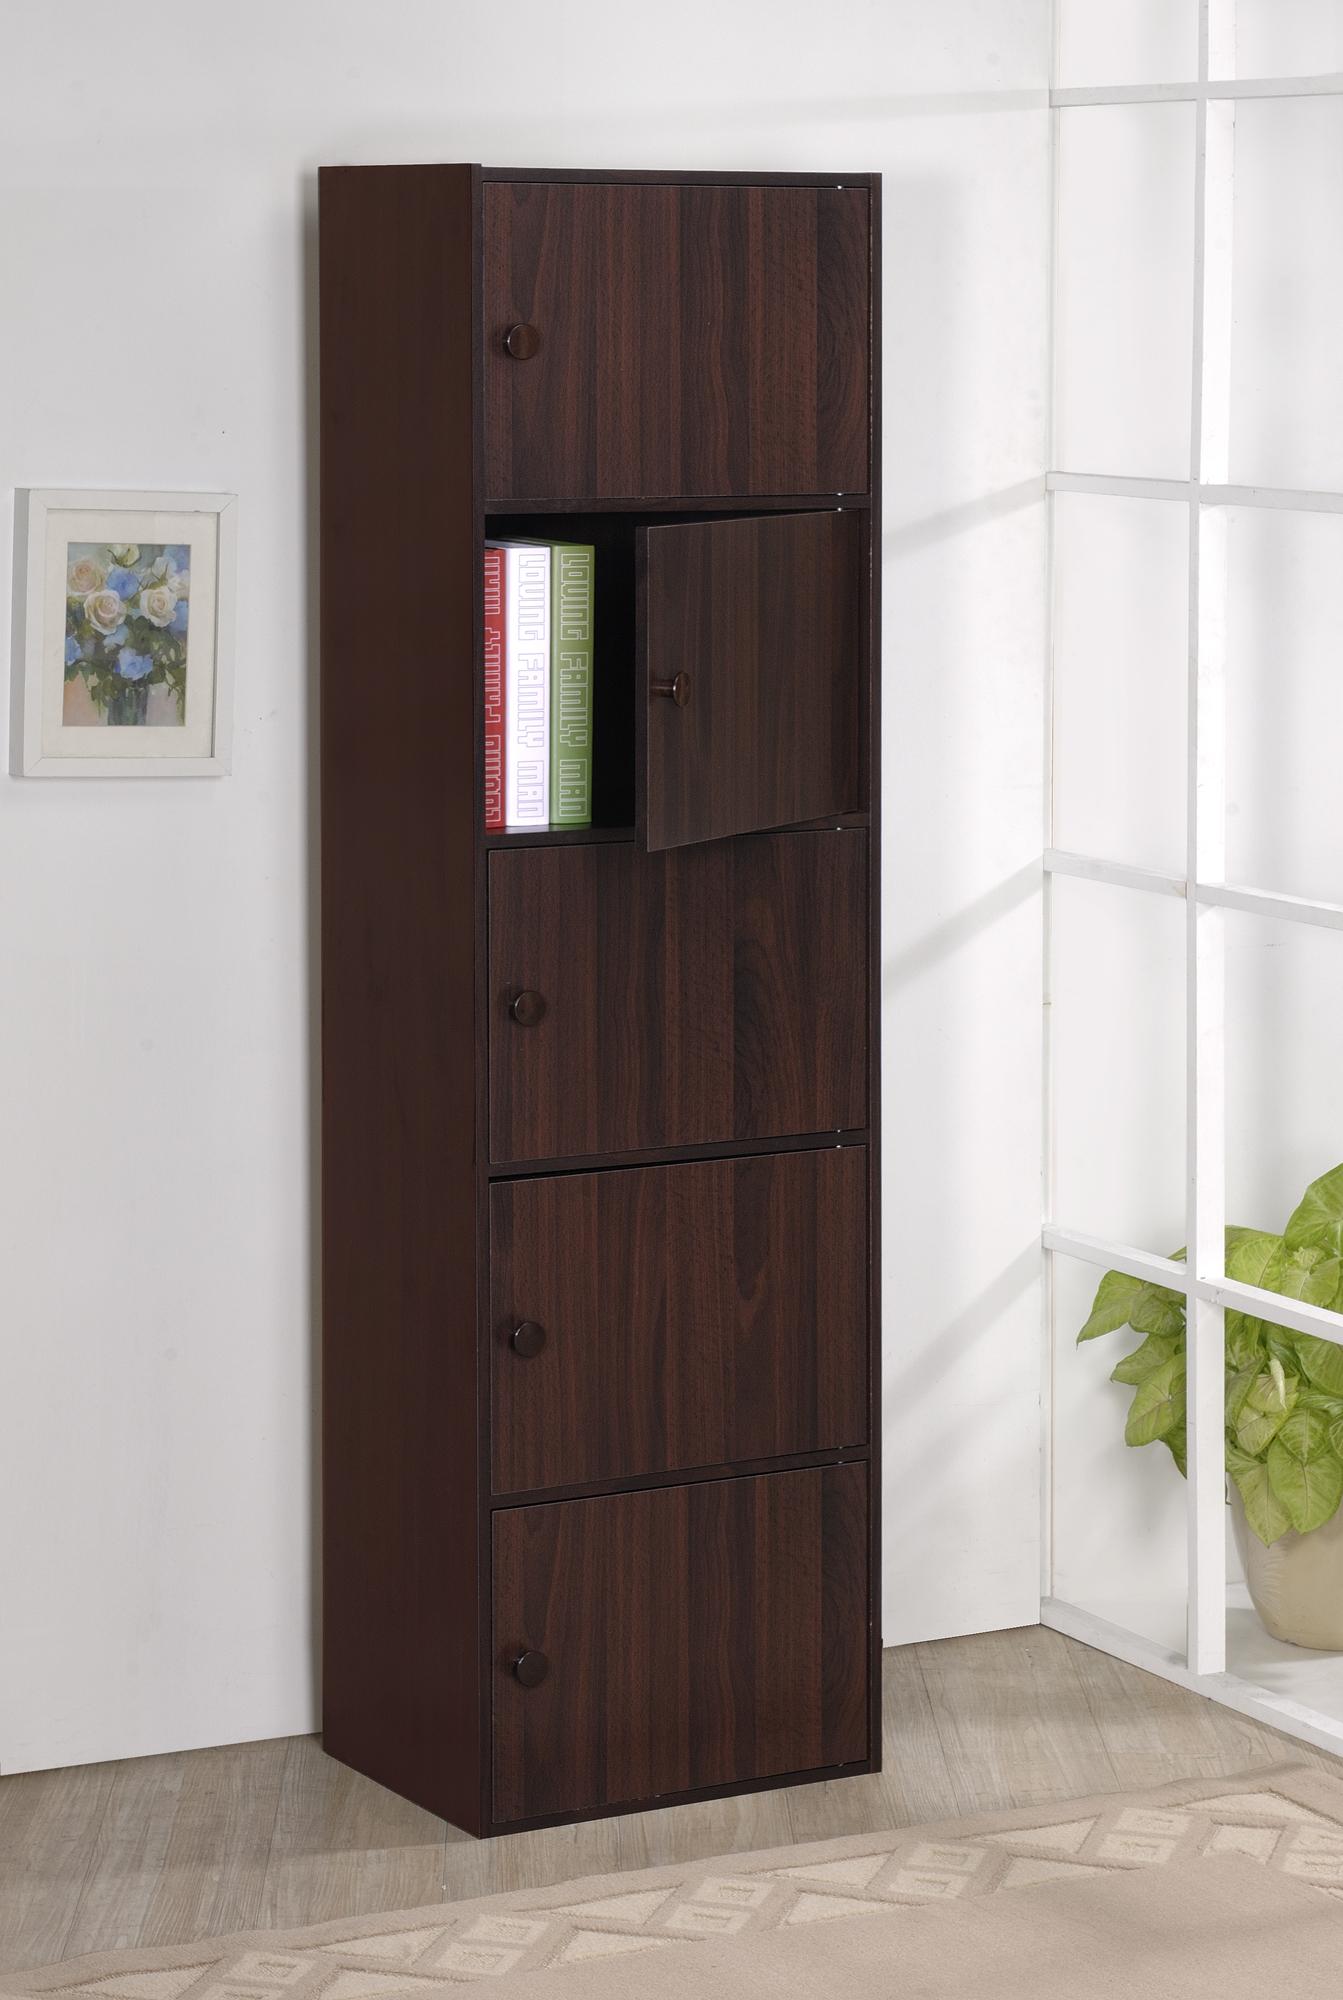 ONE 家具-DIY家具-五層附門收納櫃/書櫃/書架/高低櫃/展示櫃免運